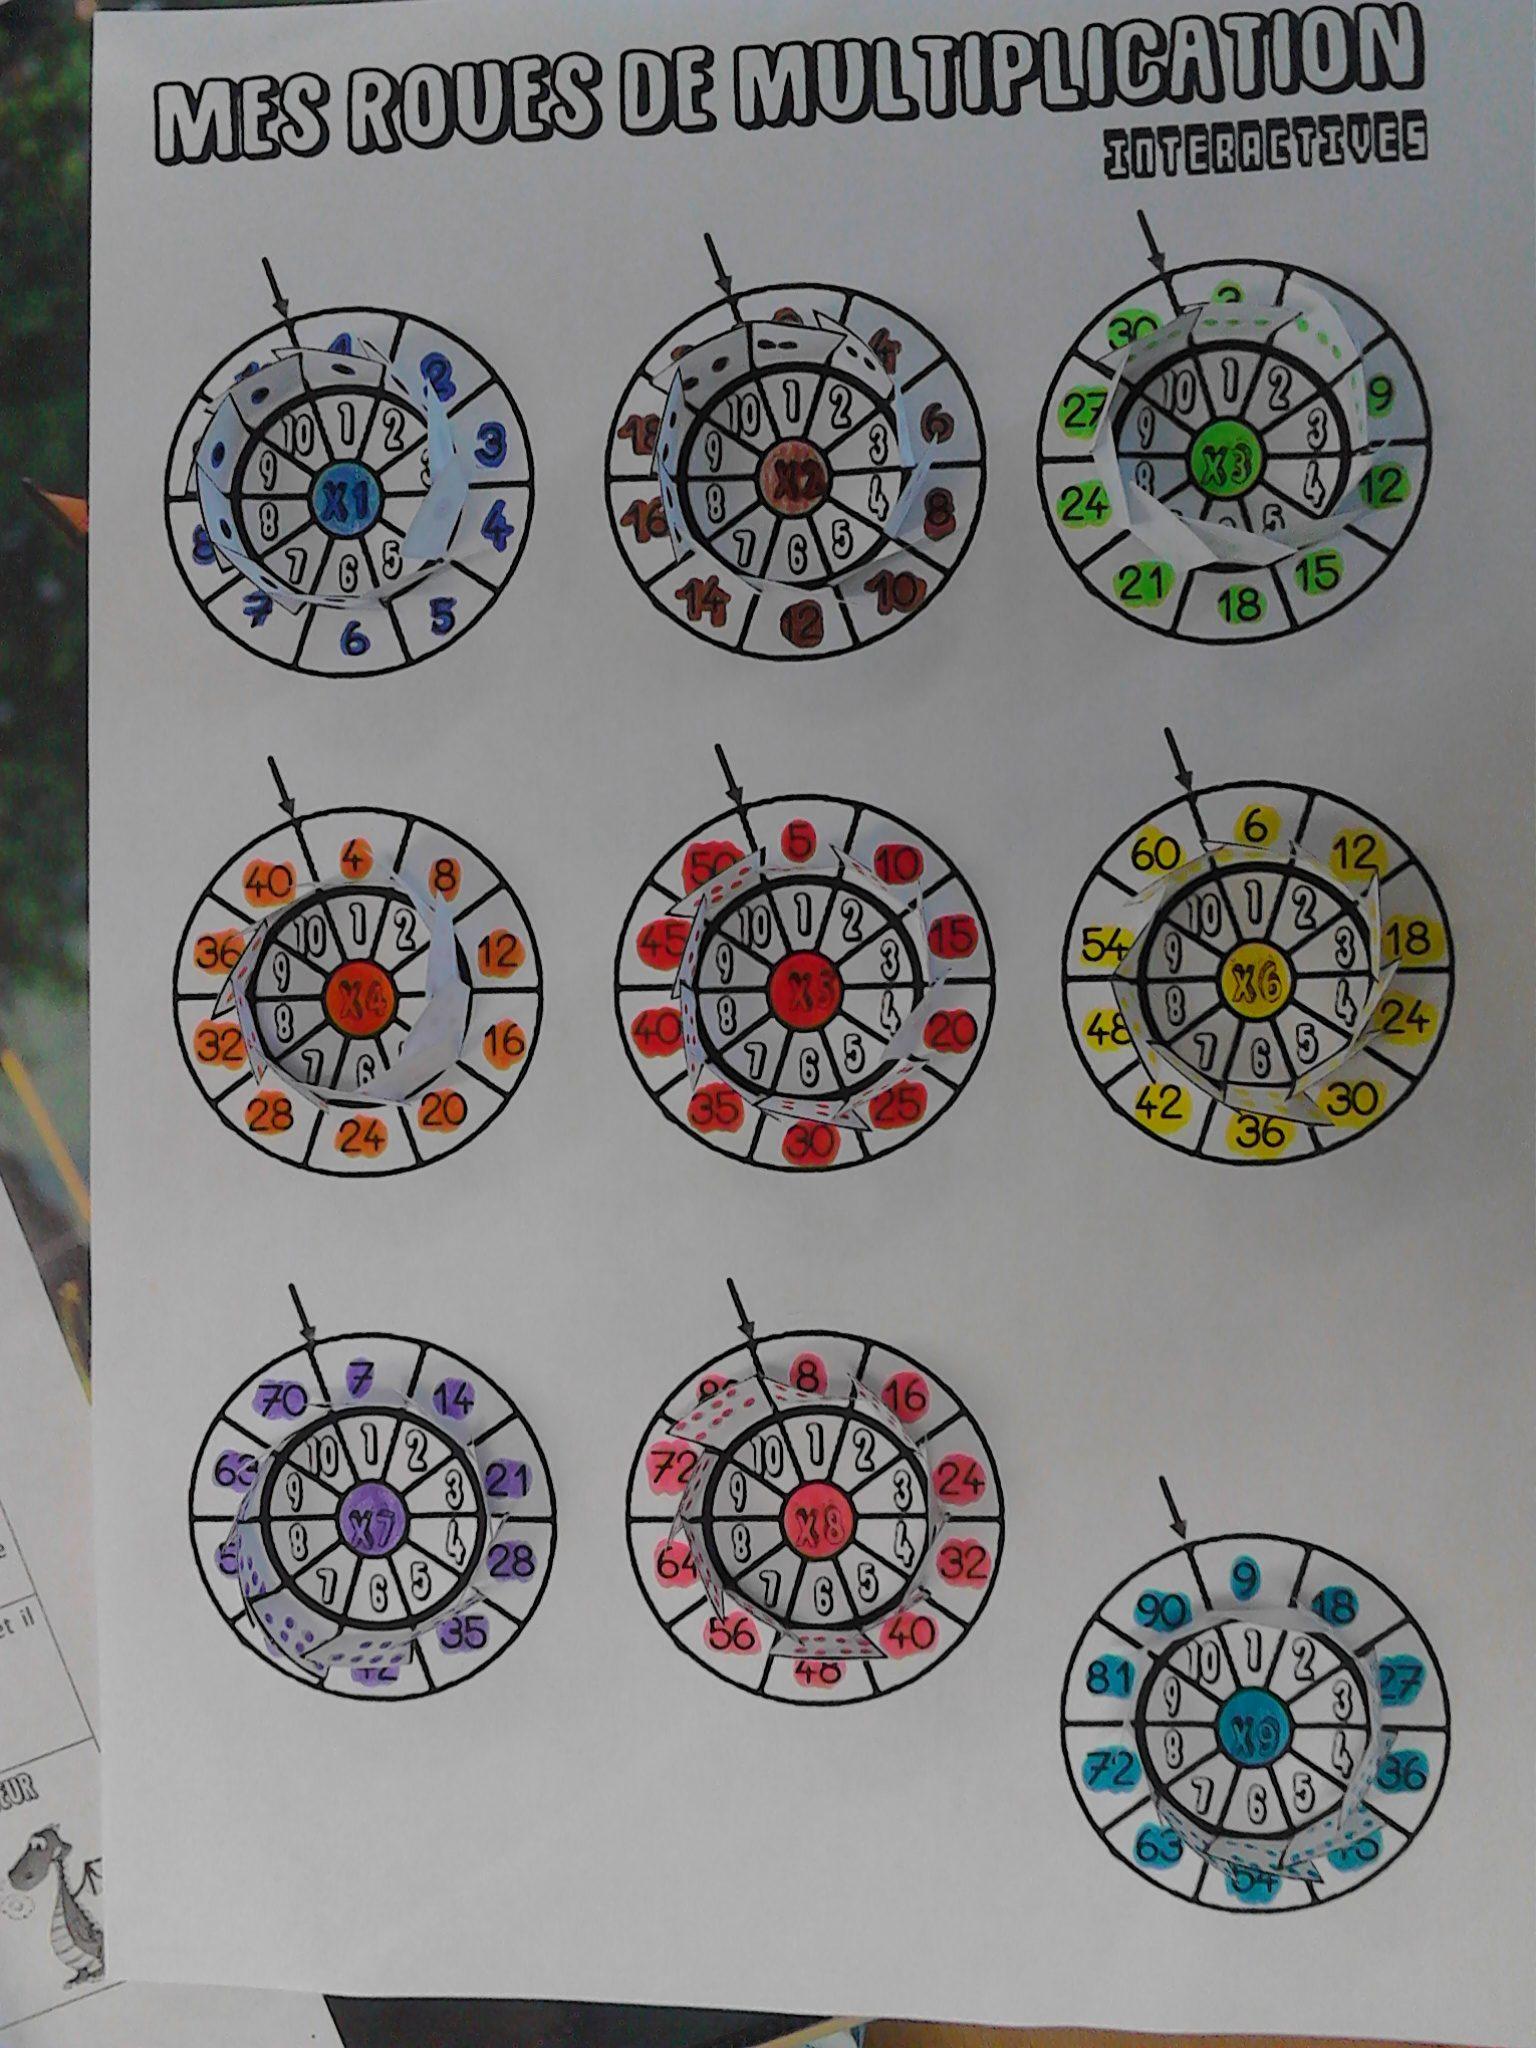 La roue des multiplications permet d'apprendre et de revoir les tables